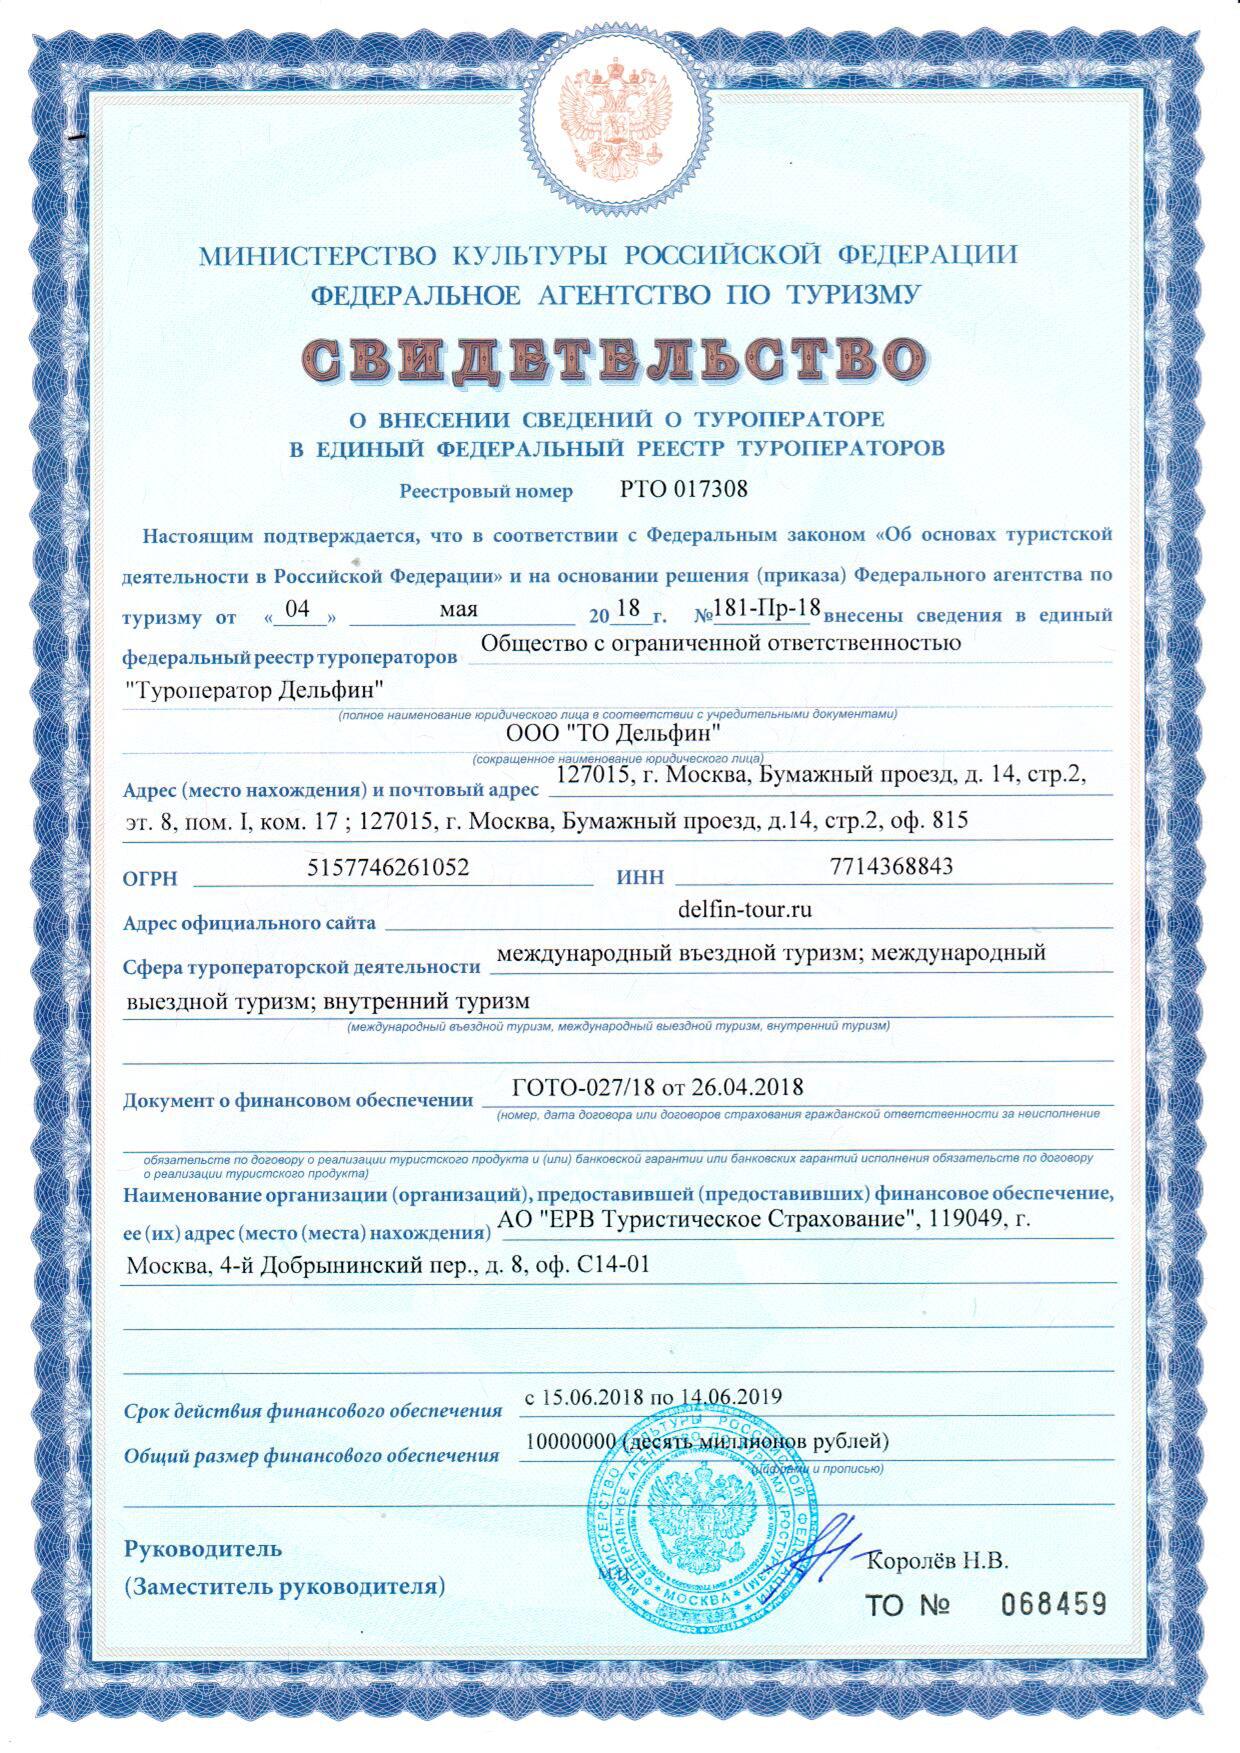 Документы для кредита в москве Чешихинский проезд справку с места работы с подтверждением Спиридоновка улица